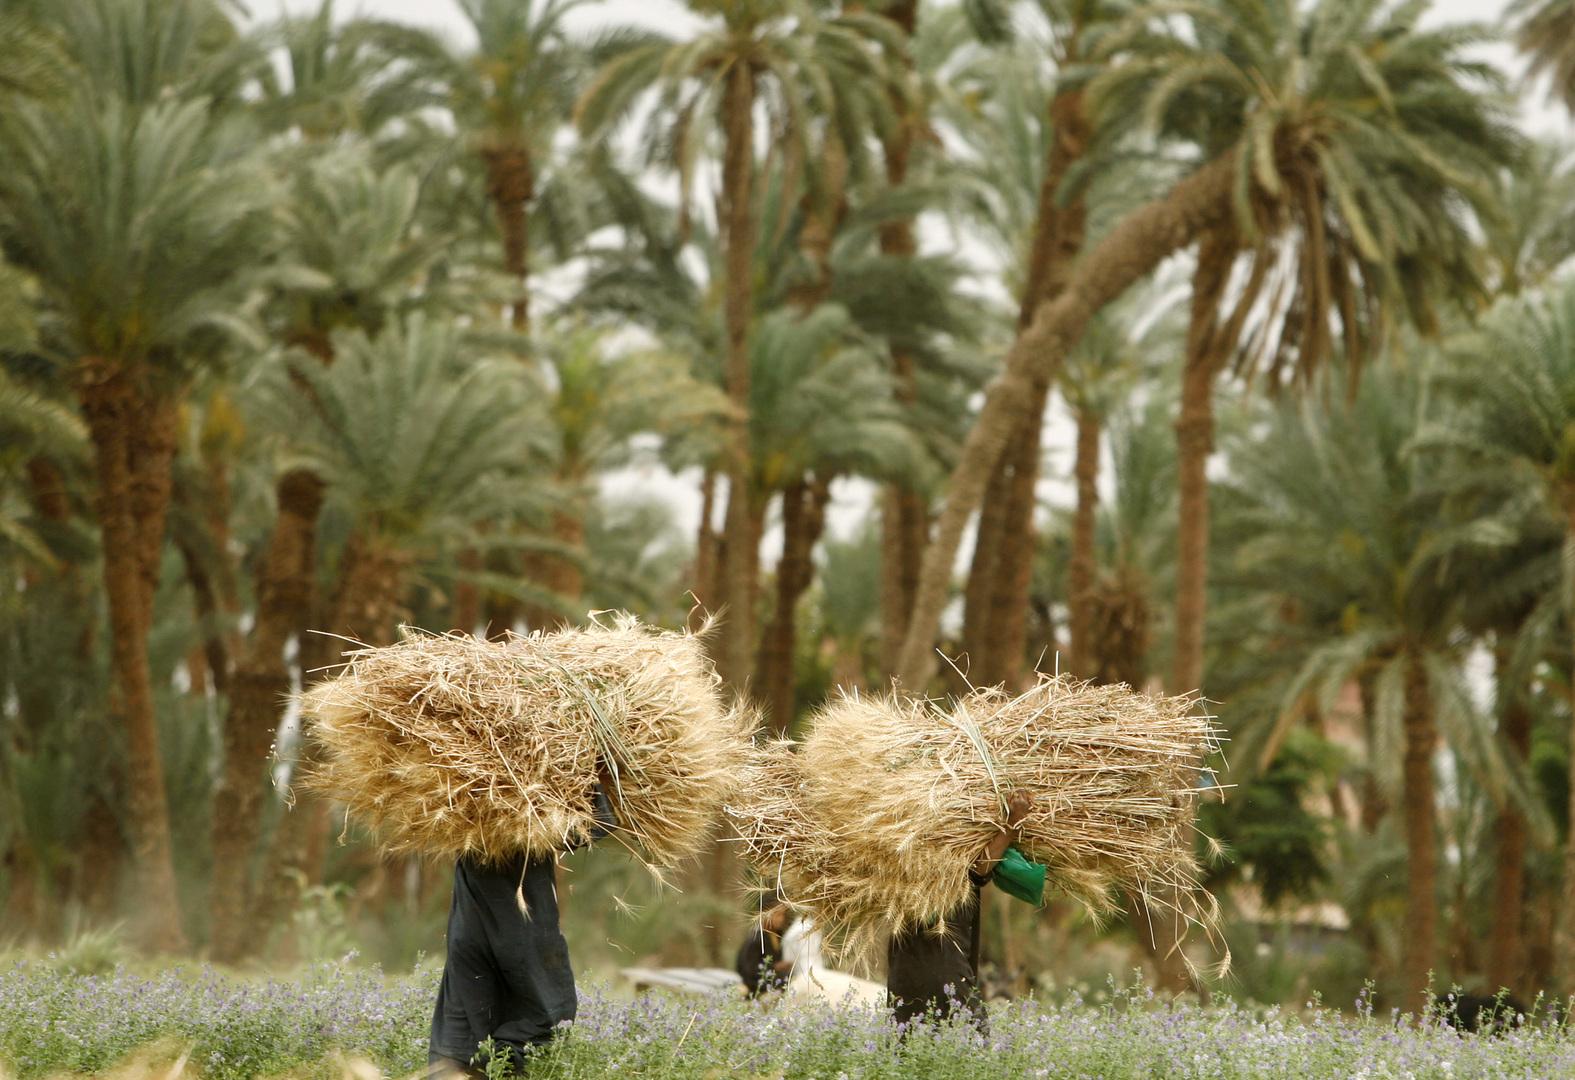 مصر تعلن تصدير نوعية منتجات زراعية إلى دولتين لأول مرة